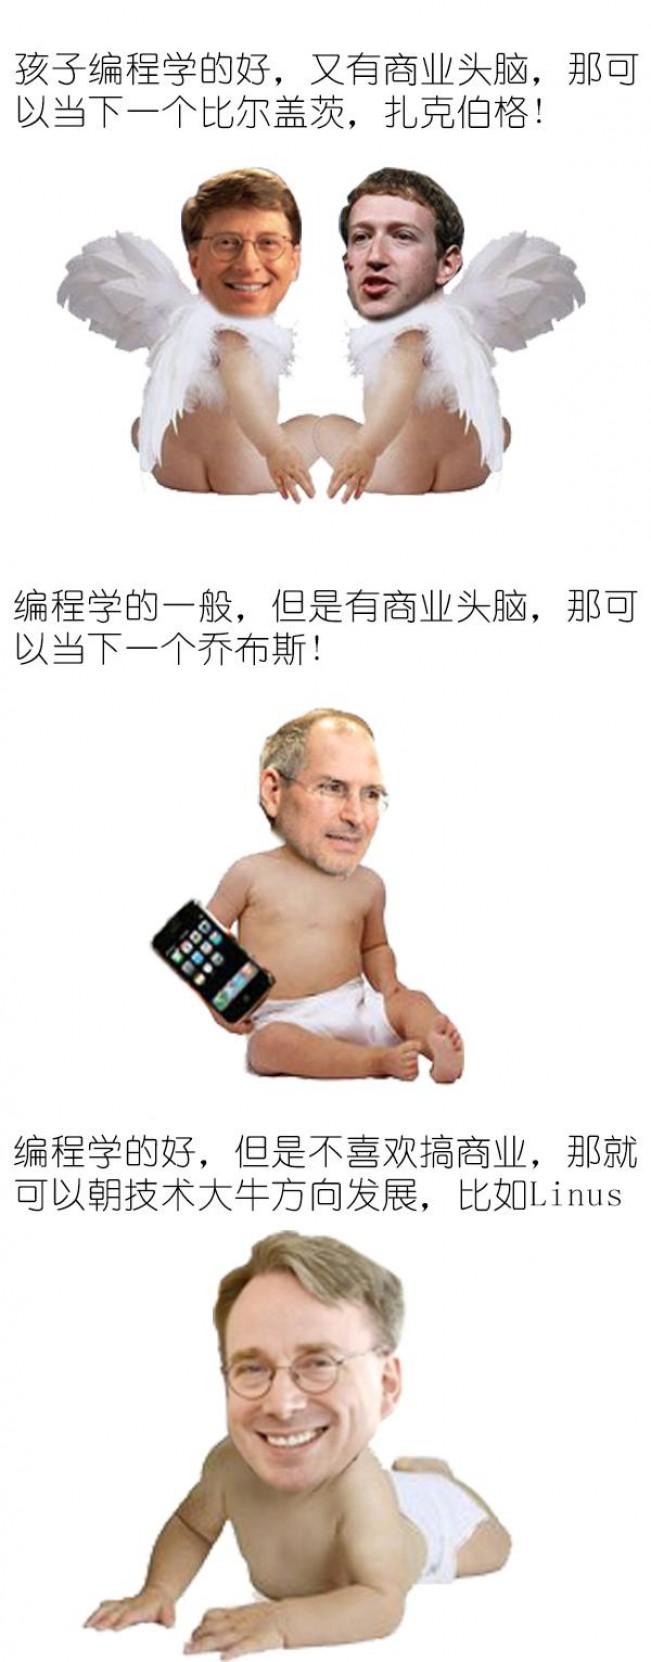 让你的孩子成为下一个扎克伯格:程序员们,编程要从娃娃抓起!